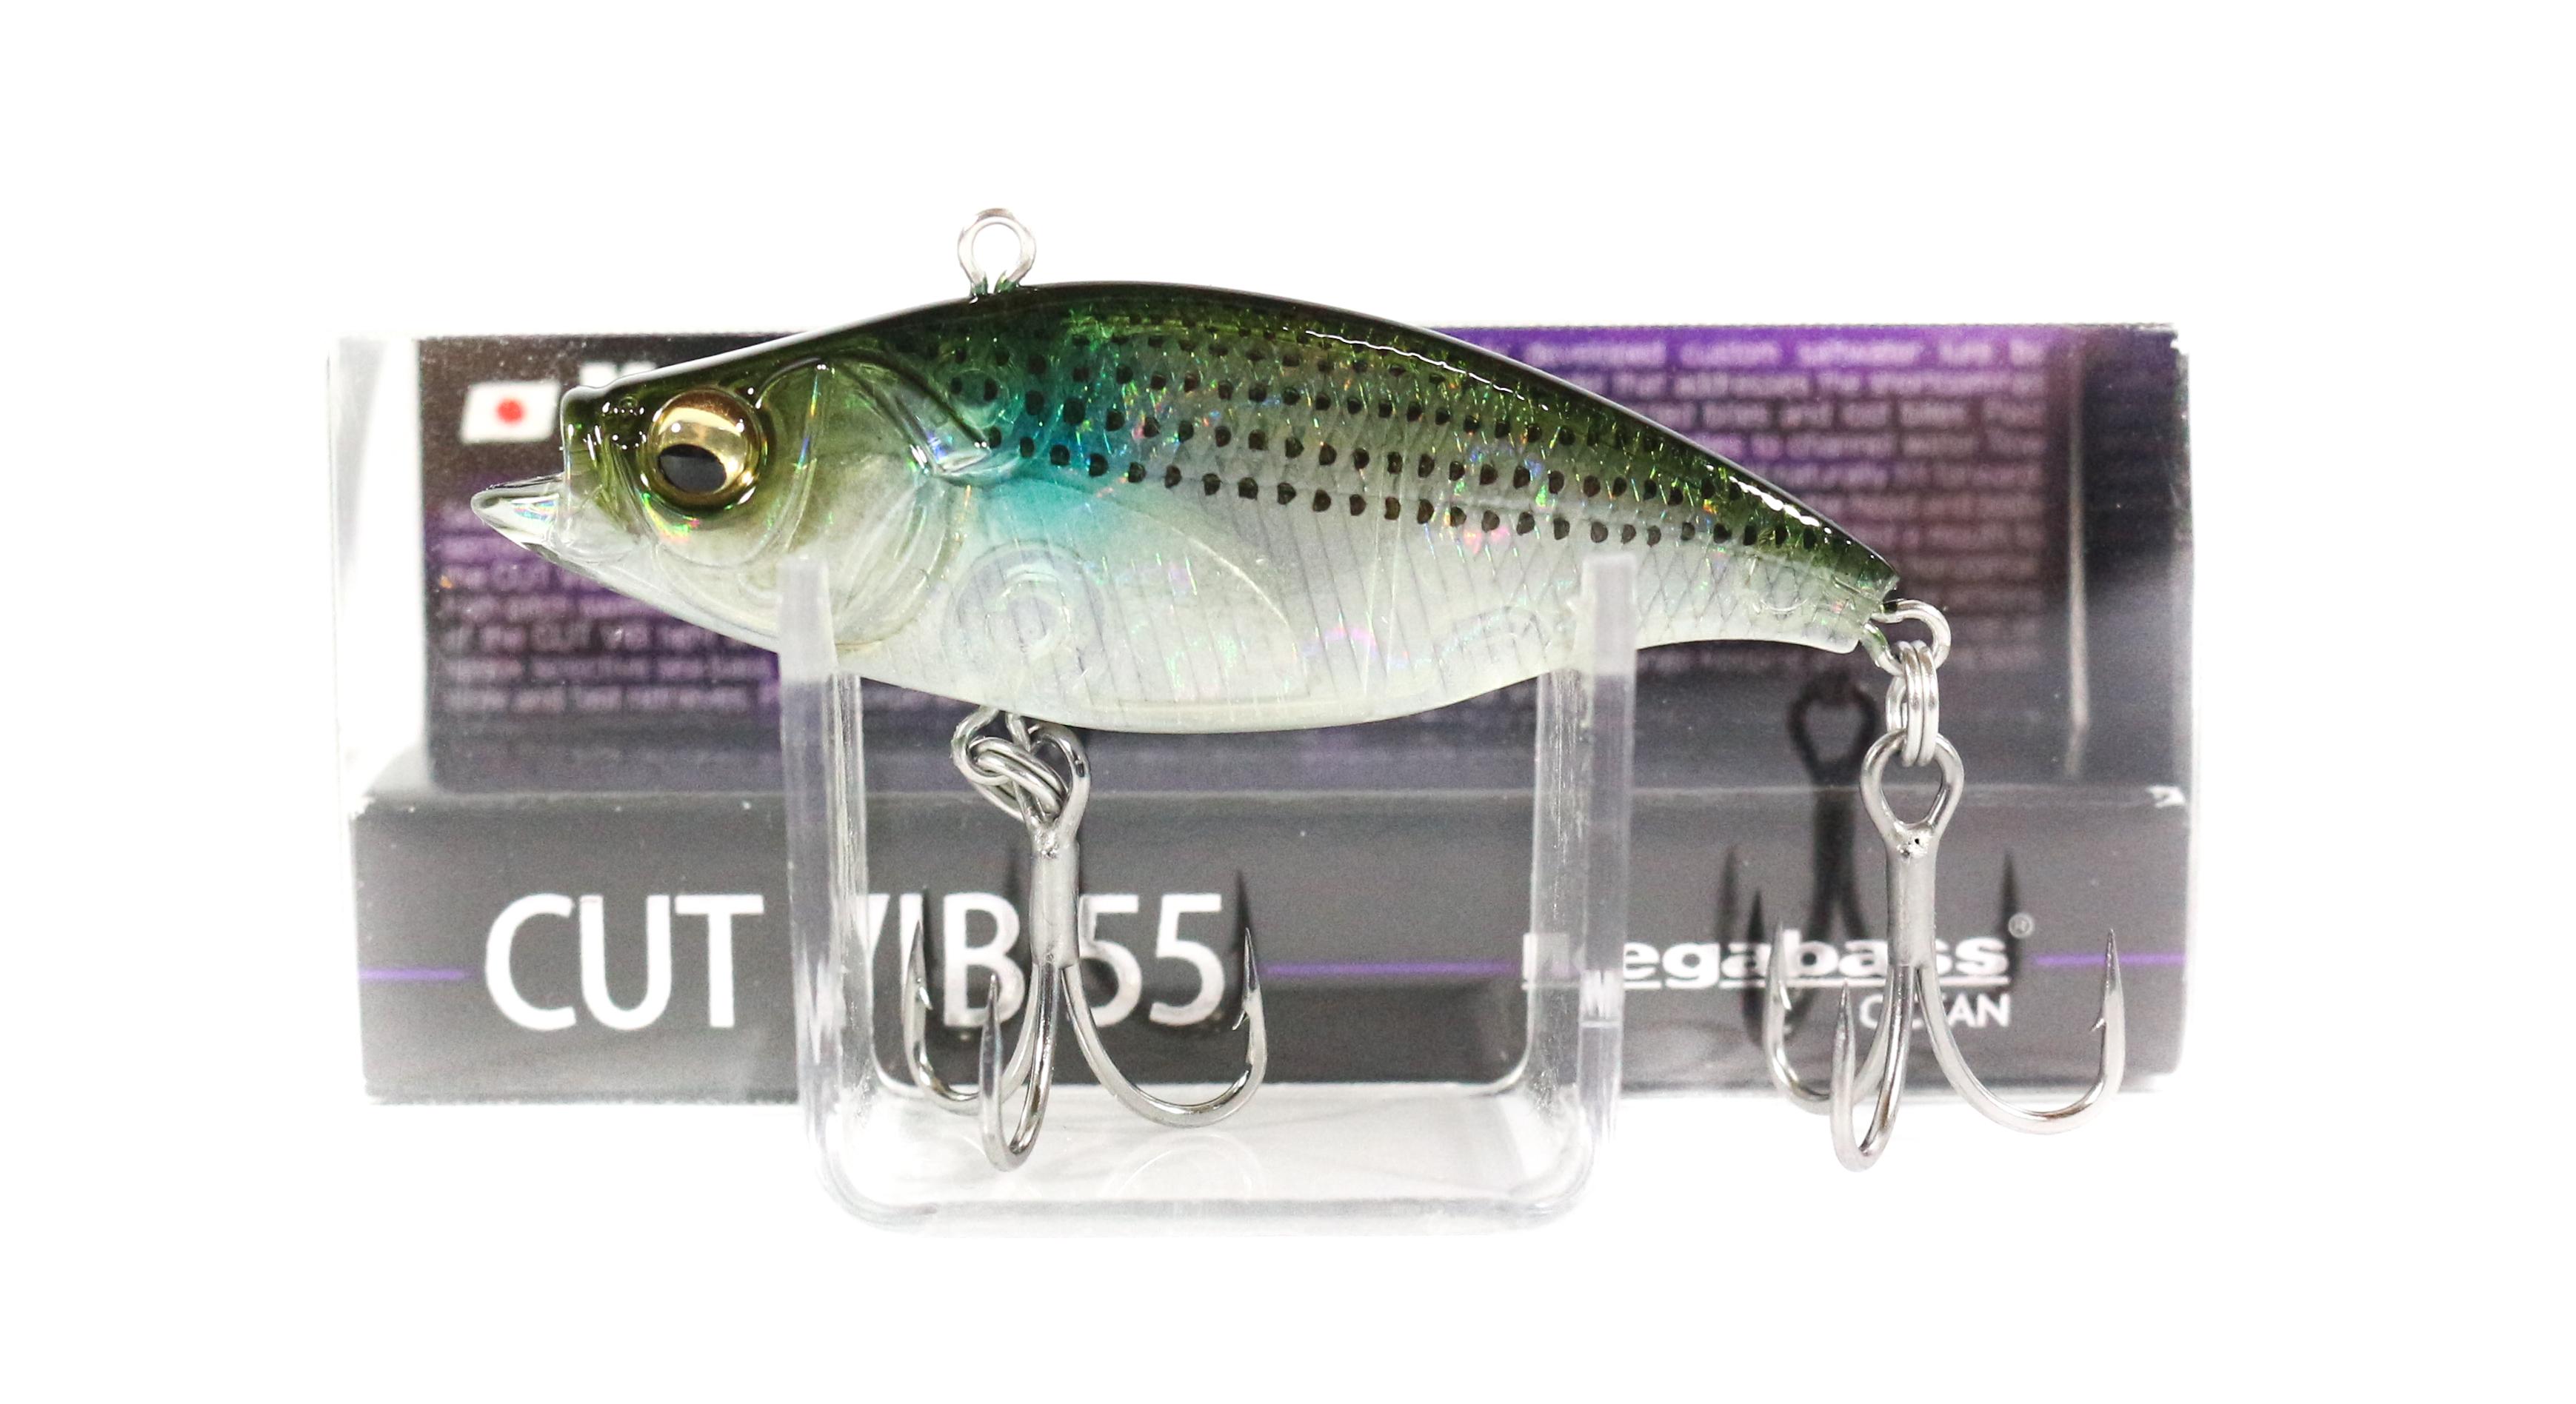 Megabass Cut Vib 55 Vibration Lure GP Haku Bora (7303)